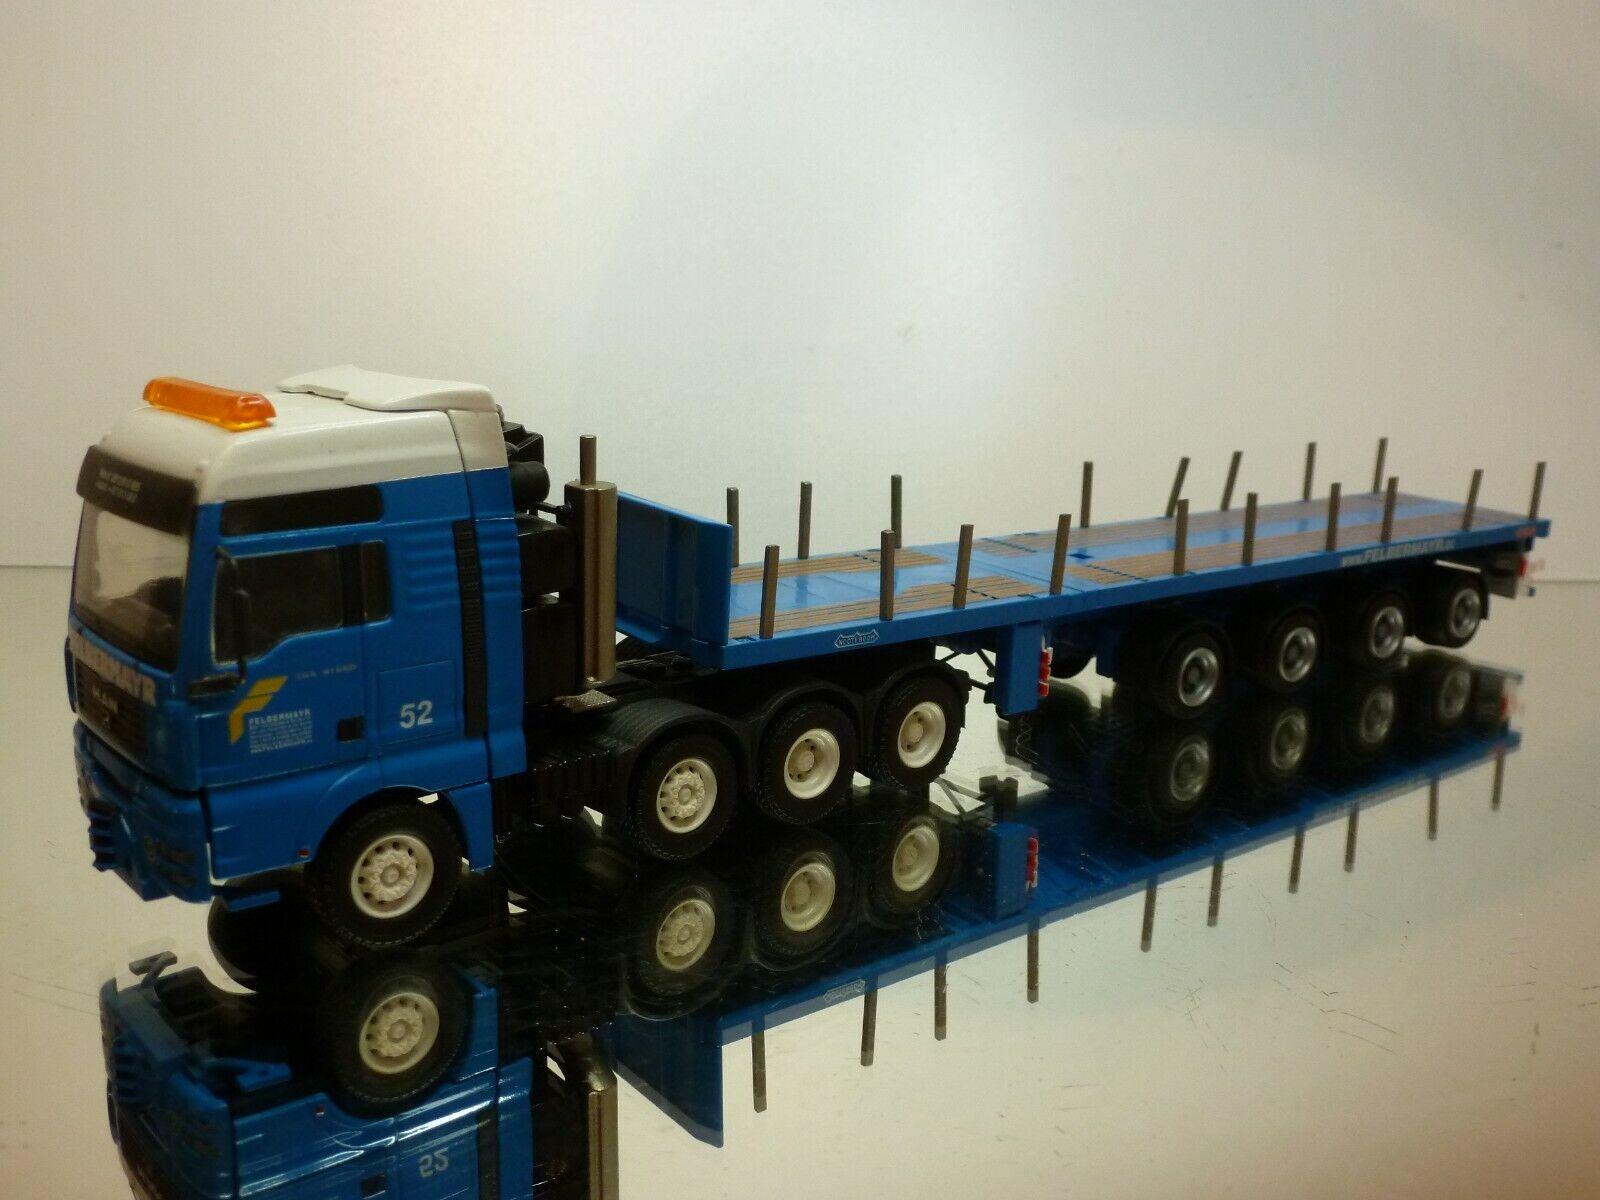 exclusivo CONRAD MAN TGA 41660 FELBERMAYR NOOTEBOOM HEAVY HAULAGE - azul azul azul 1 50 - VERY GOOD  ventas al por mayor